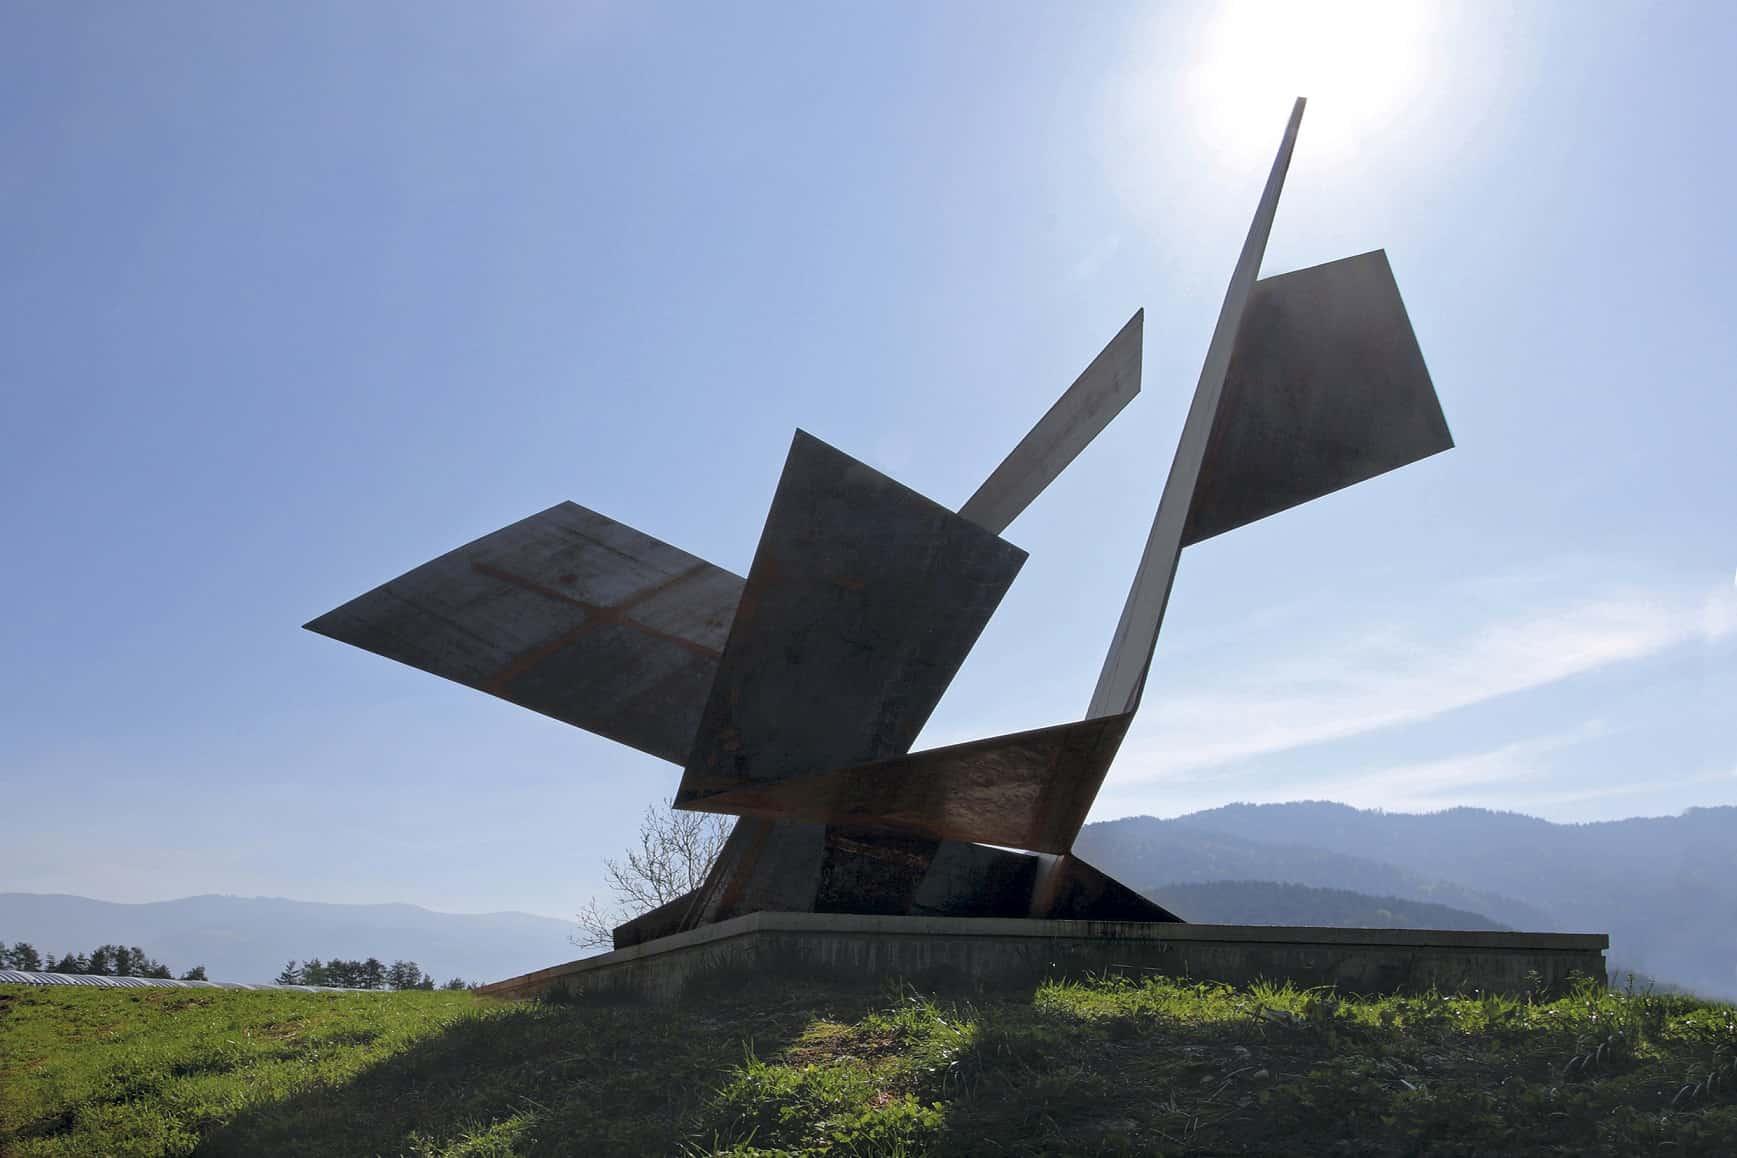 Skulptur Pillhofer am Kunst-Radweg Klopeinersee Südkärnten